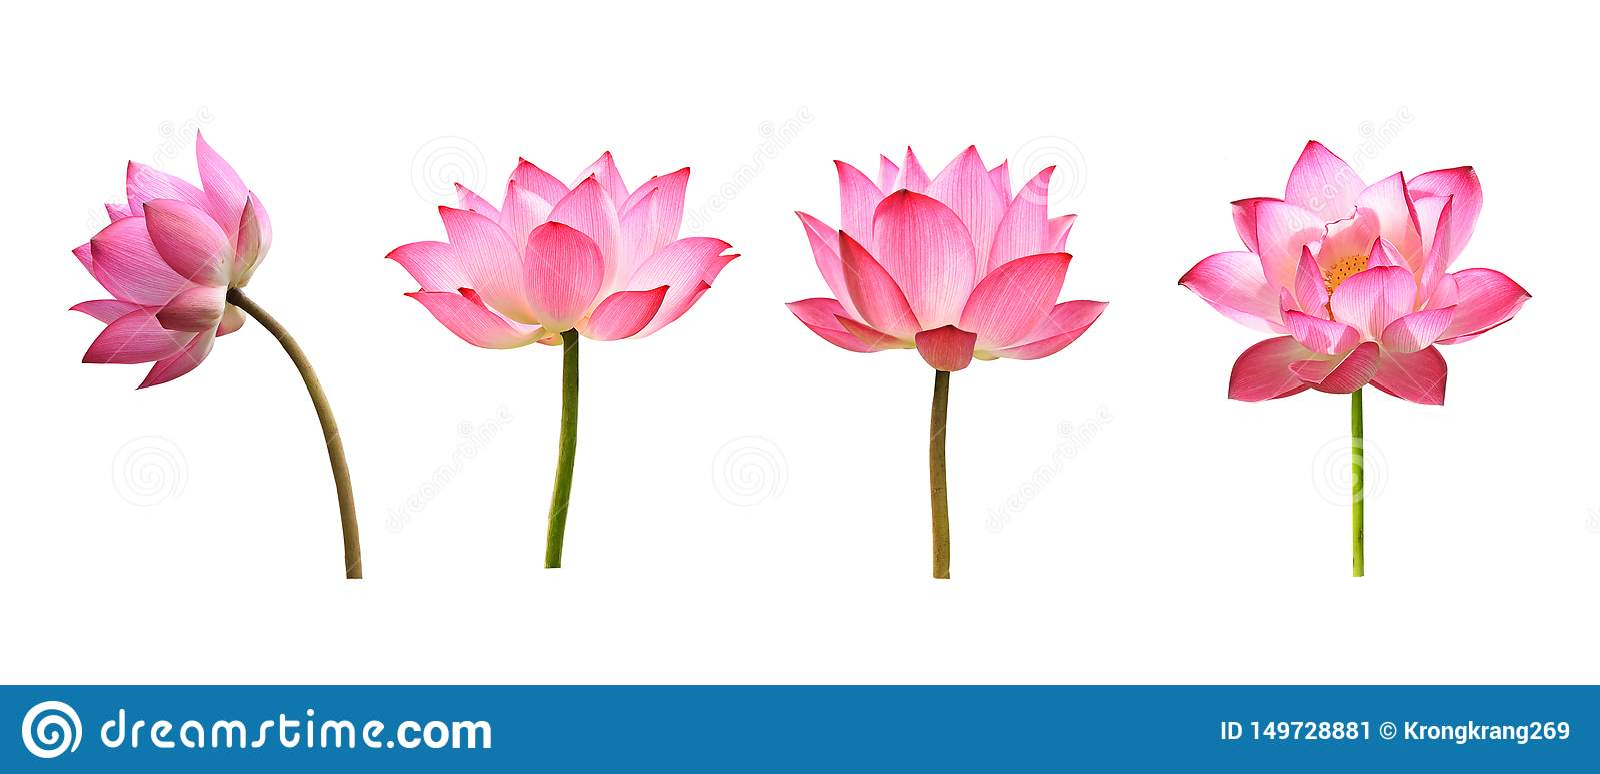 Lotus-Blume auf wei?em Hintergrund